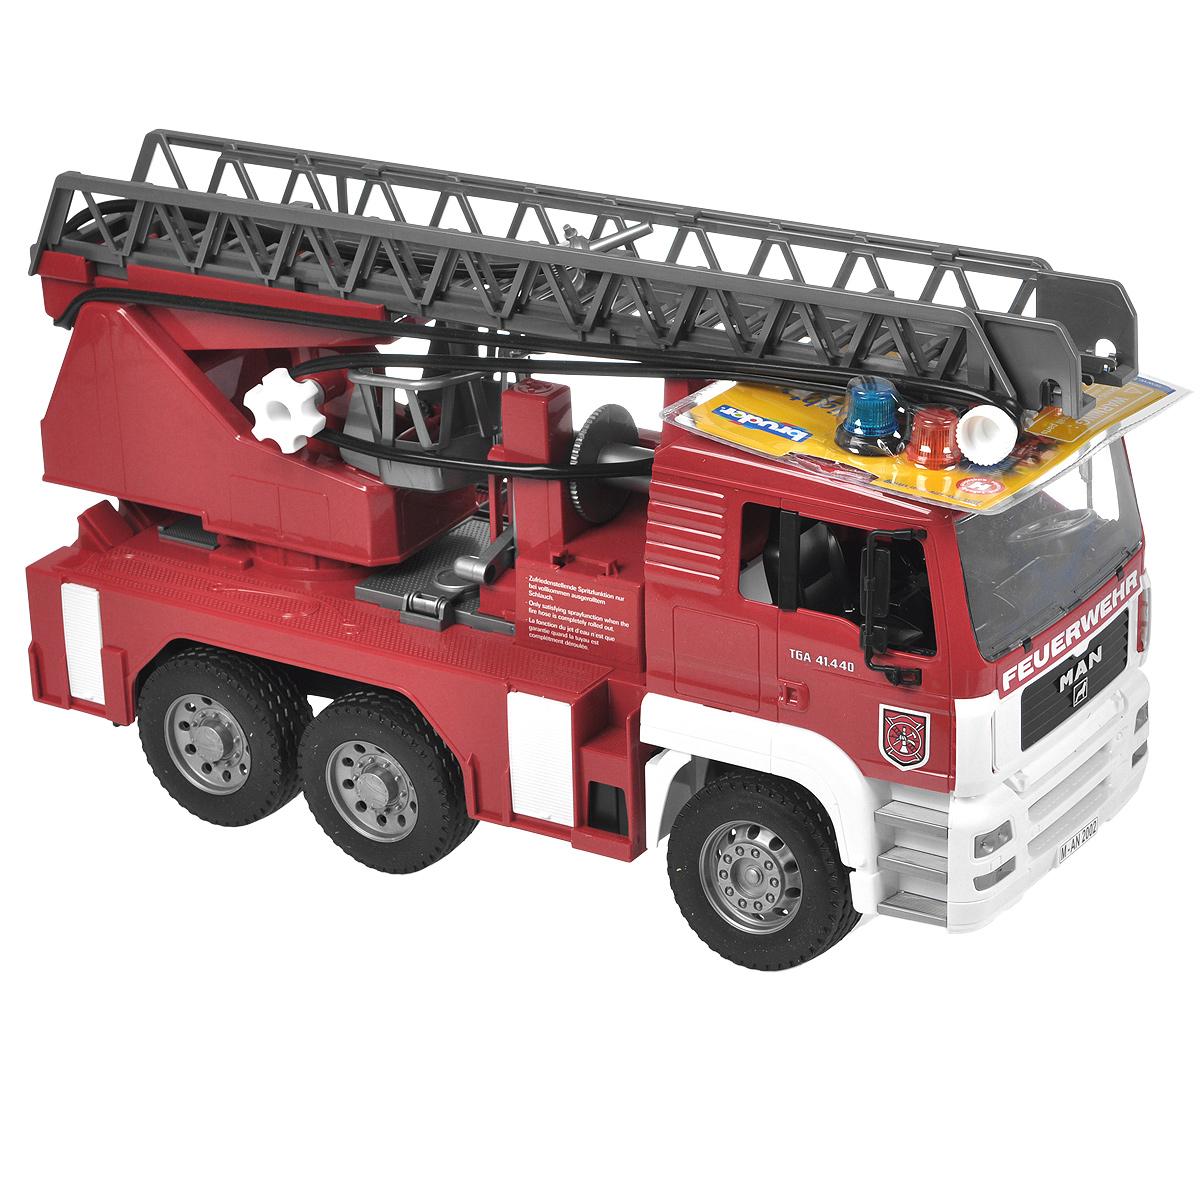 Bruder Пожарная машина MAN bruder пожарная машина mack с выдвижной лестницей и помпой bruder